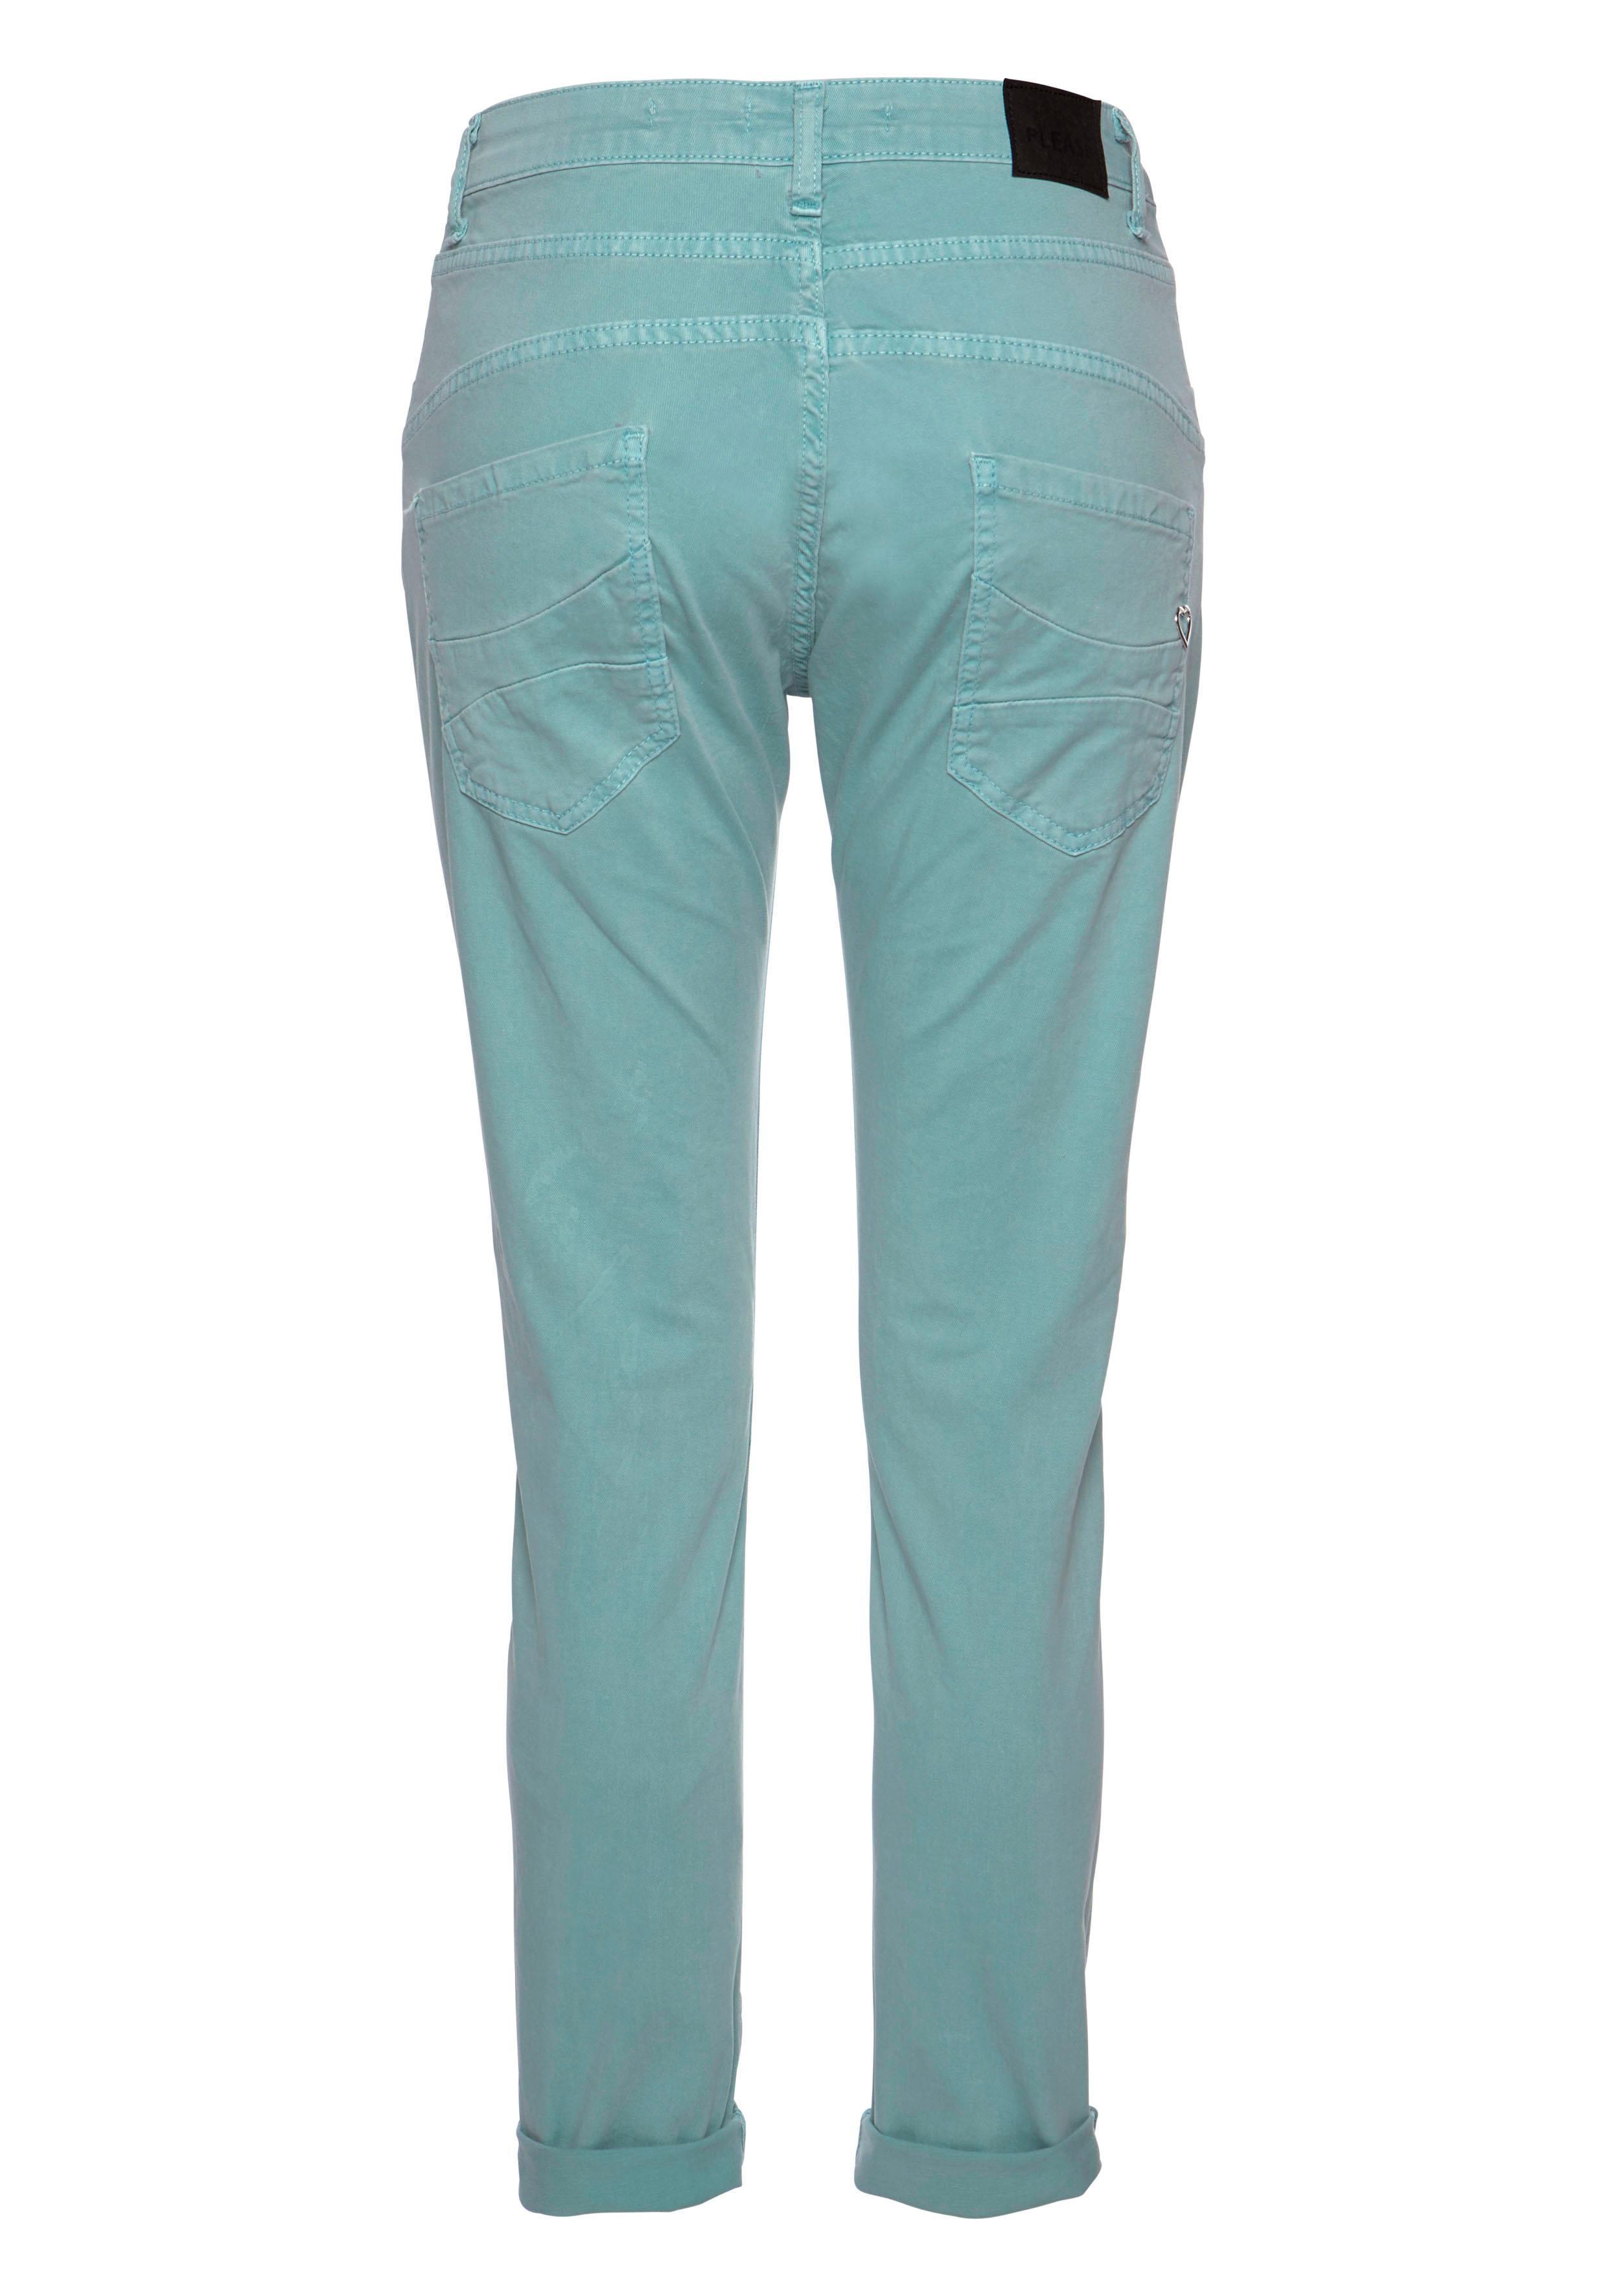 Ruf zuerst Los Angeles Vereinigte Staaten Please Jeans Boyfriend-Hose »P78A« online shoppen   BAUR